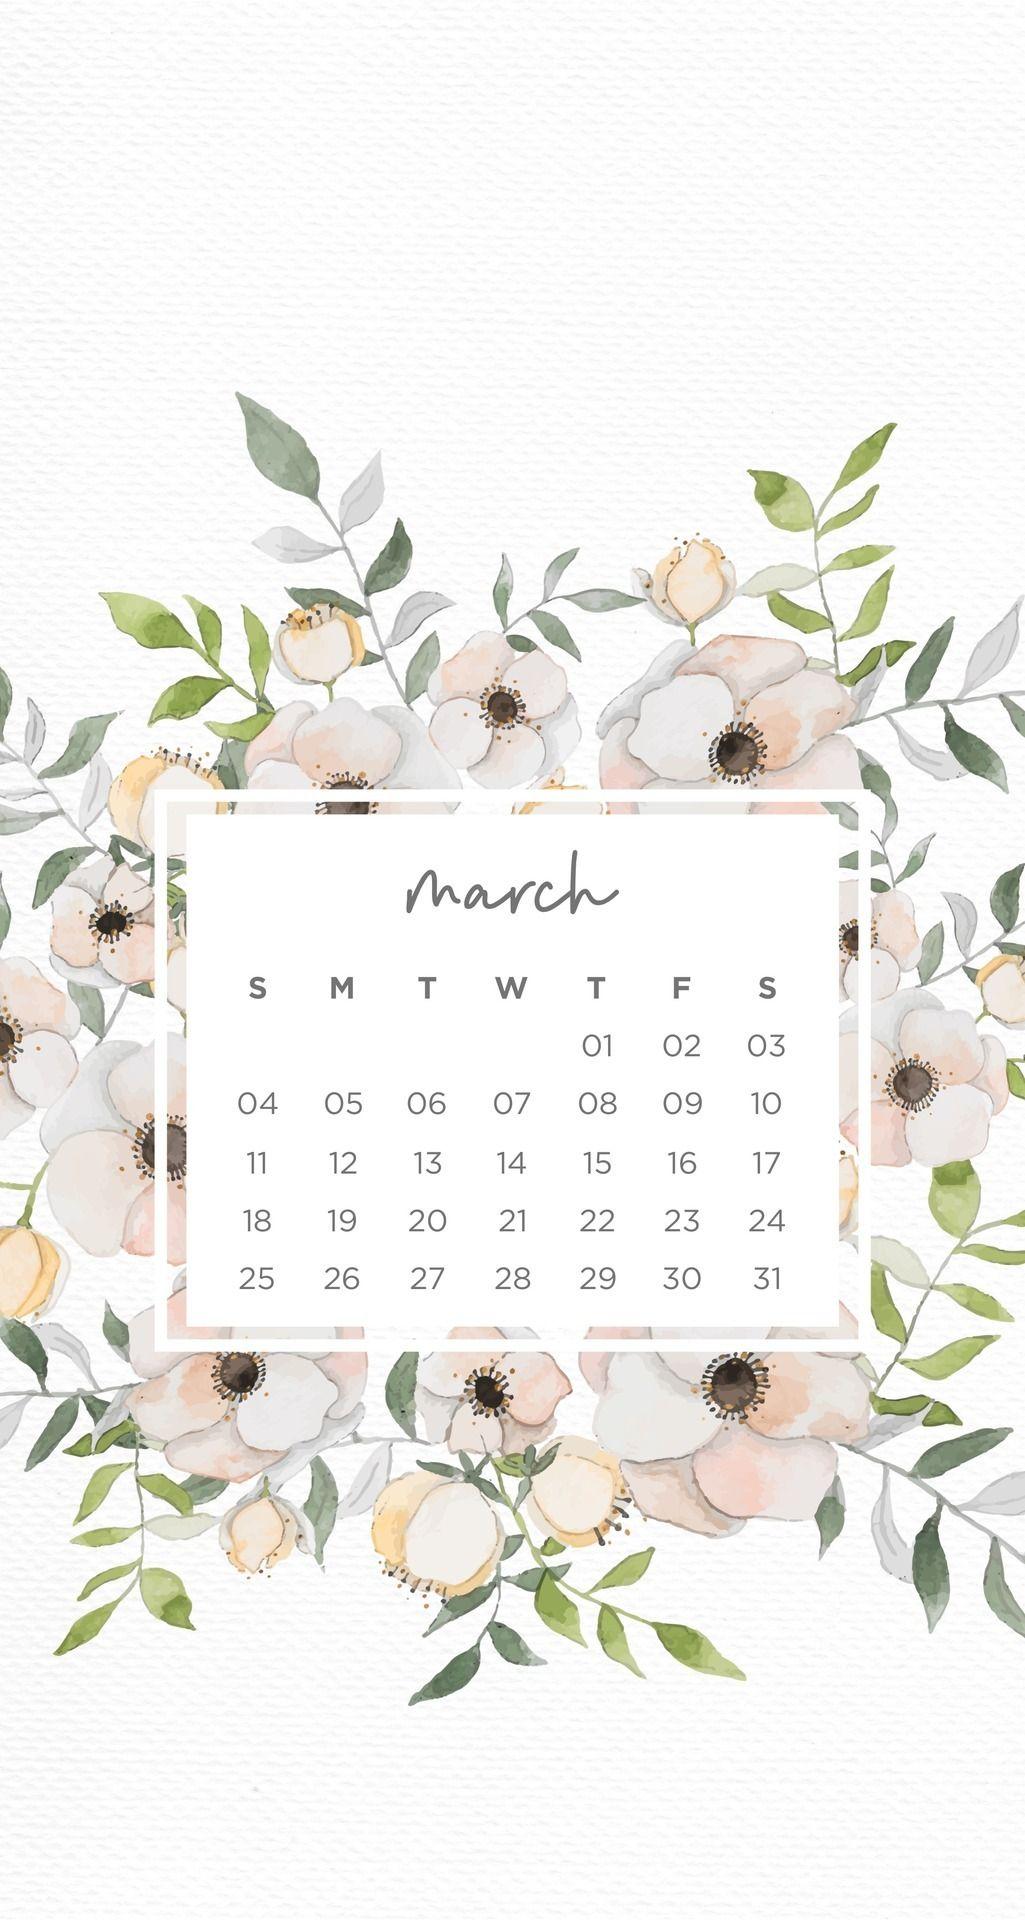 Pin by Hayden on wallpaper Calendar wallpaper, Spring